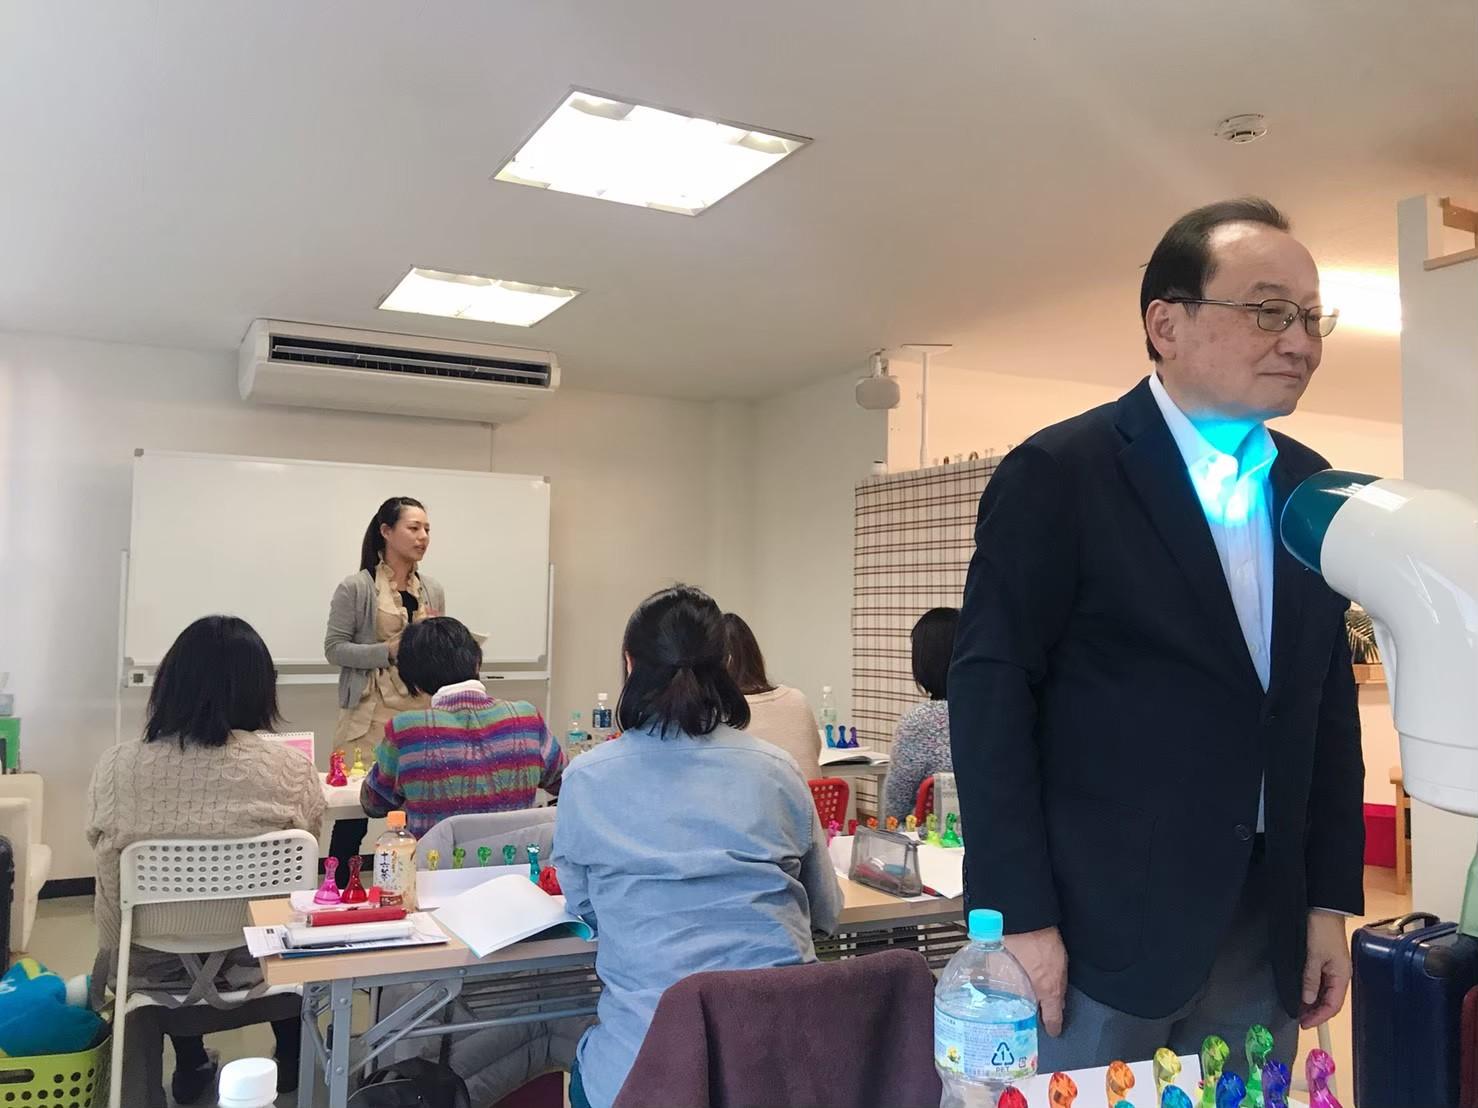 2019.1.26〜27 200229 0076 - ピーチスノウで学ぶ色彩人間学